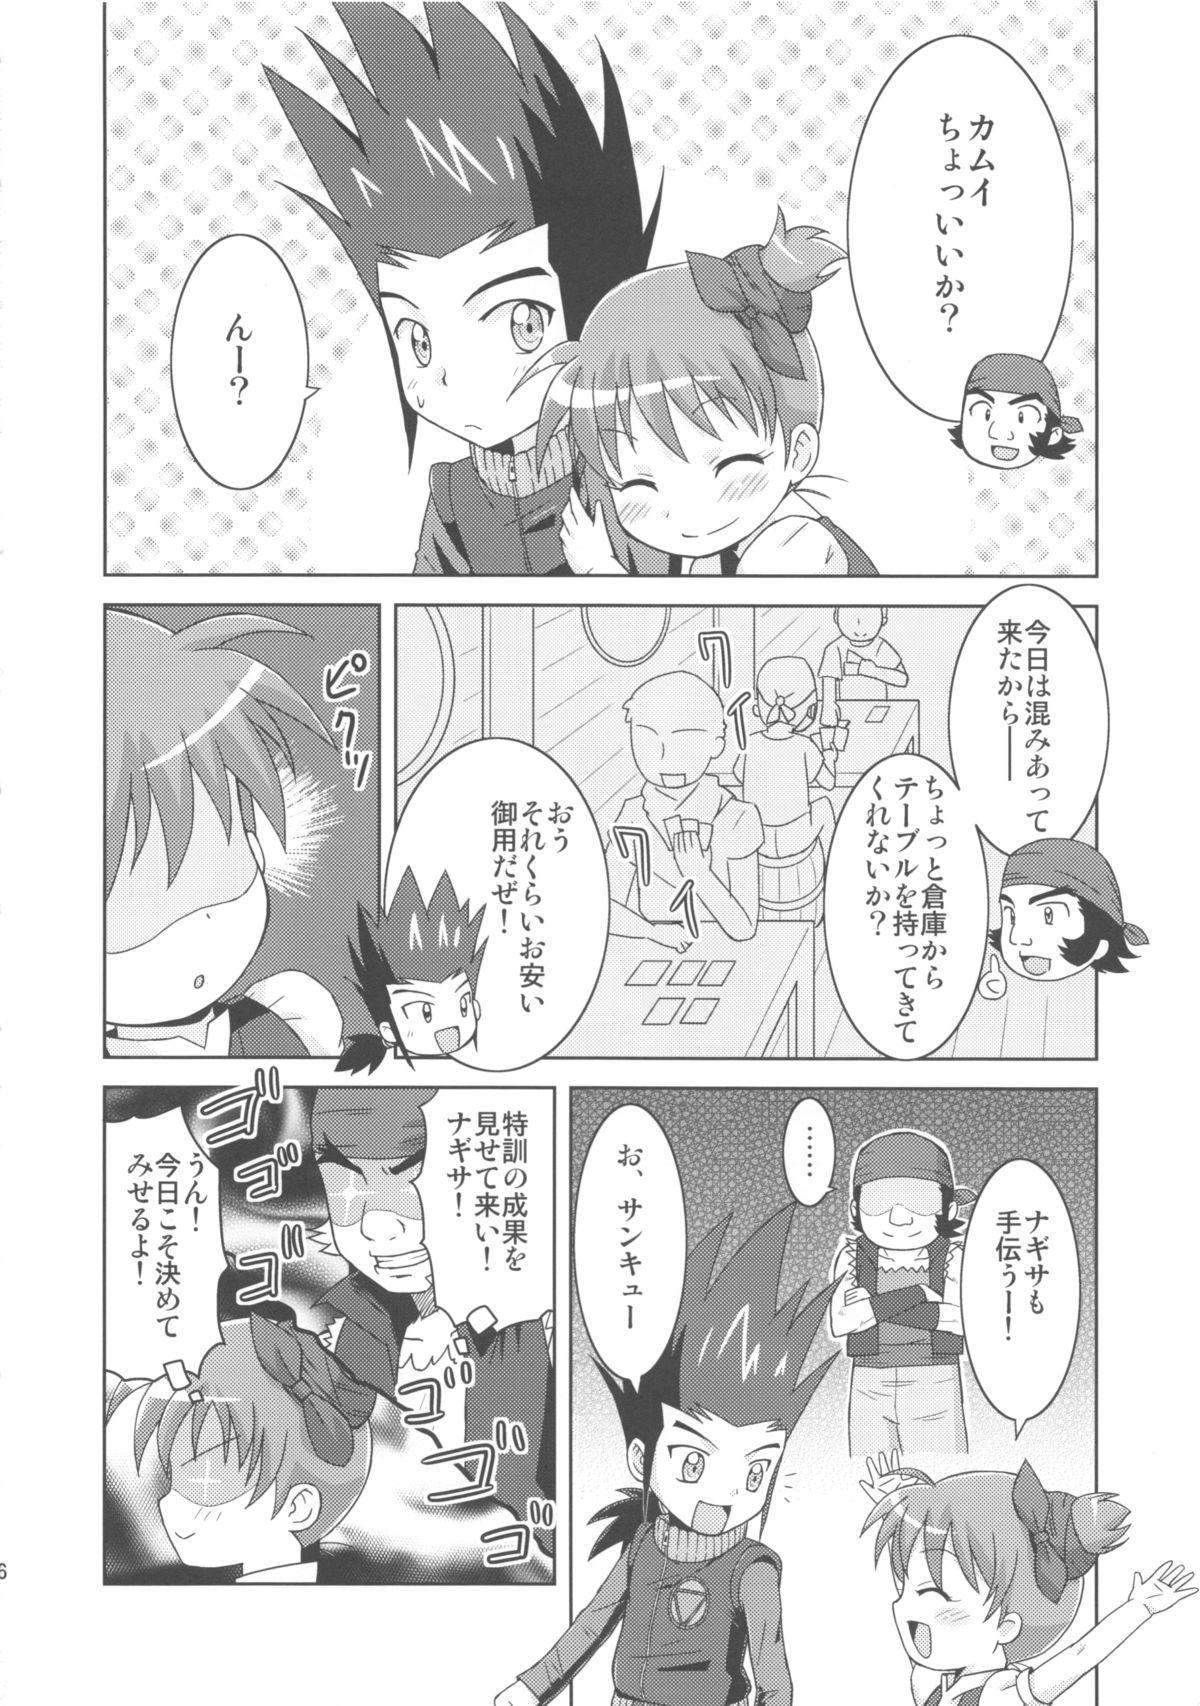 (Puniket 27) [Tori no Ya (Mashikodori)] Kamui-kun to Nagisa-chan to. (Cardfight!! Vanguard) 5